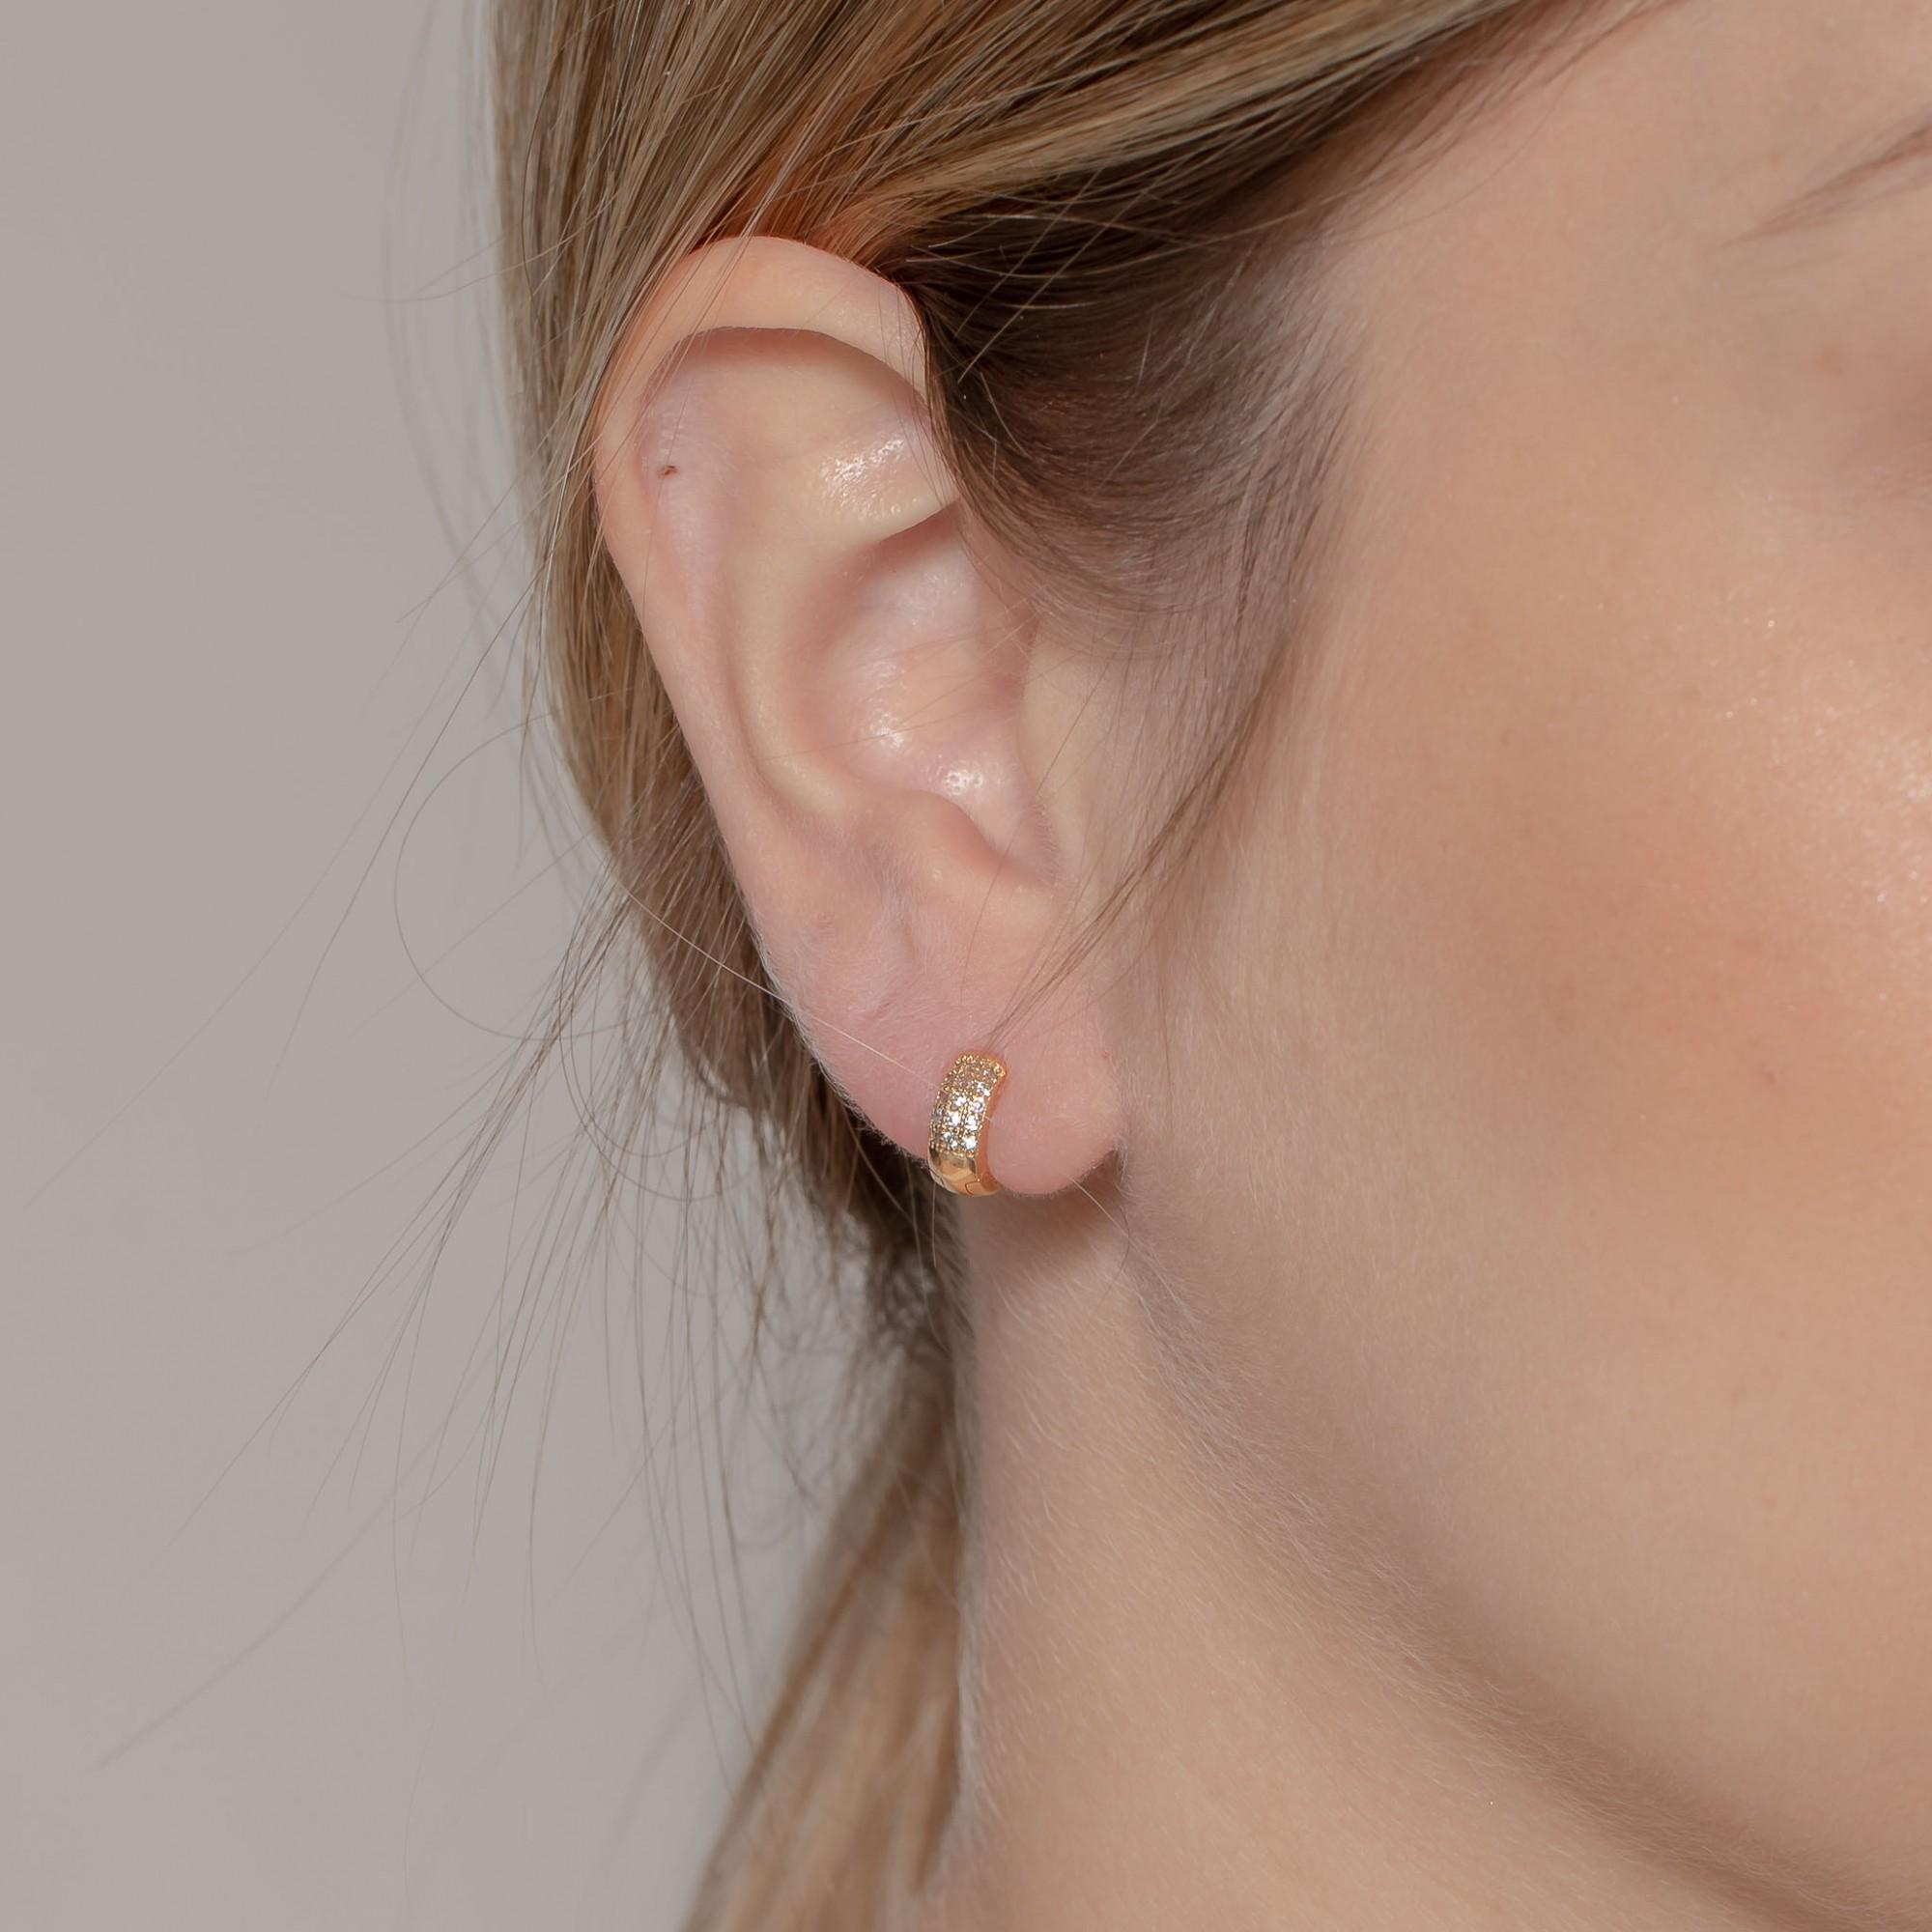 Argola de clique 7 mm com três fileiras de zircônias banhada a ouro 18k.  - romabrazil.com.br